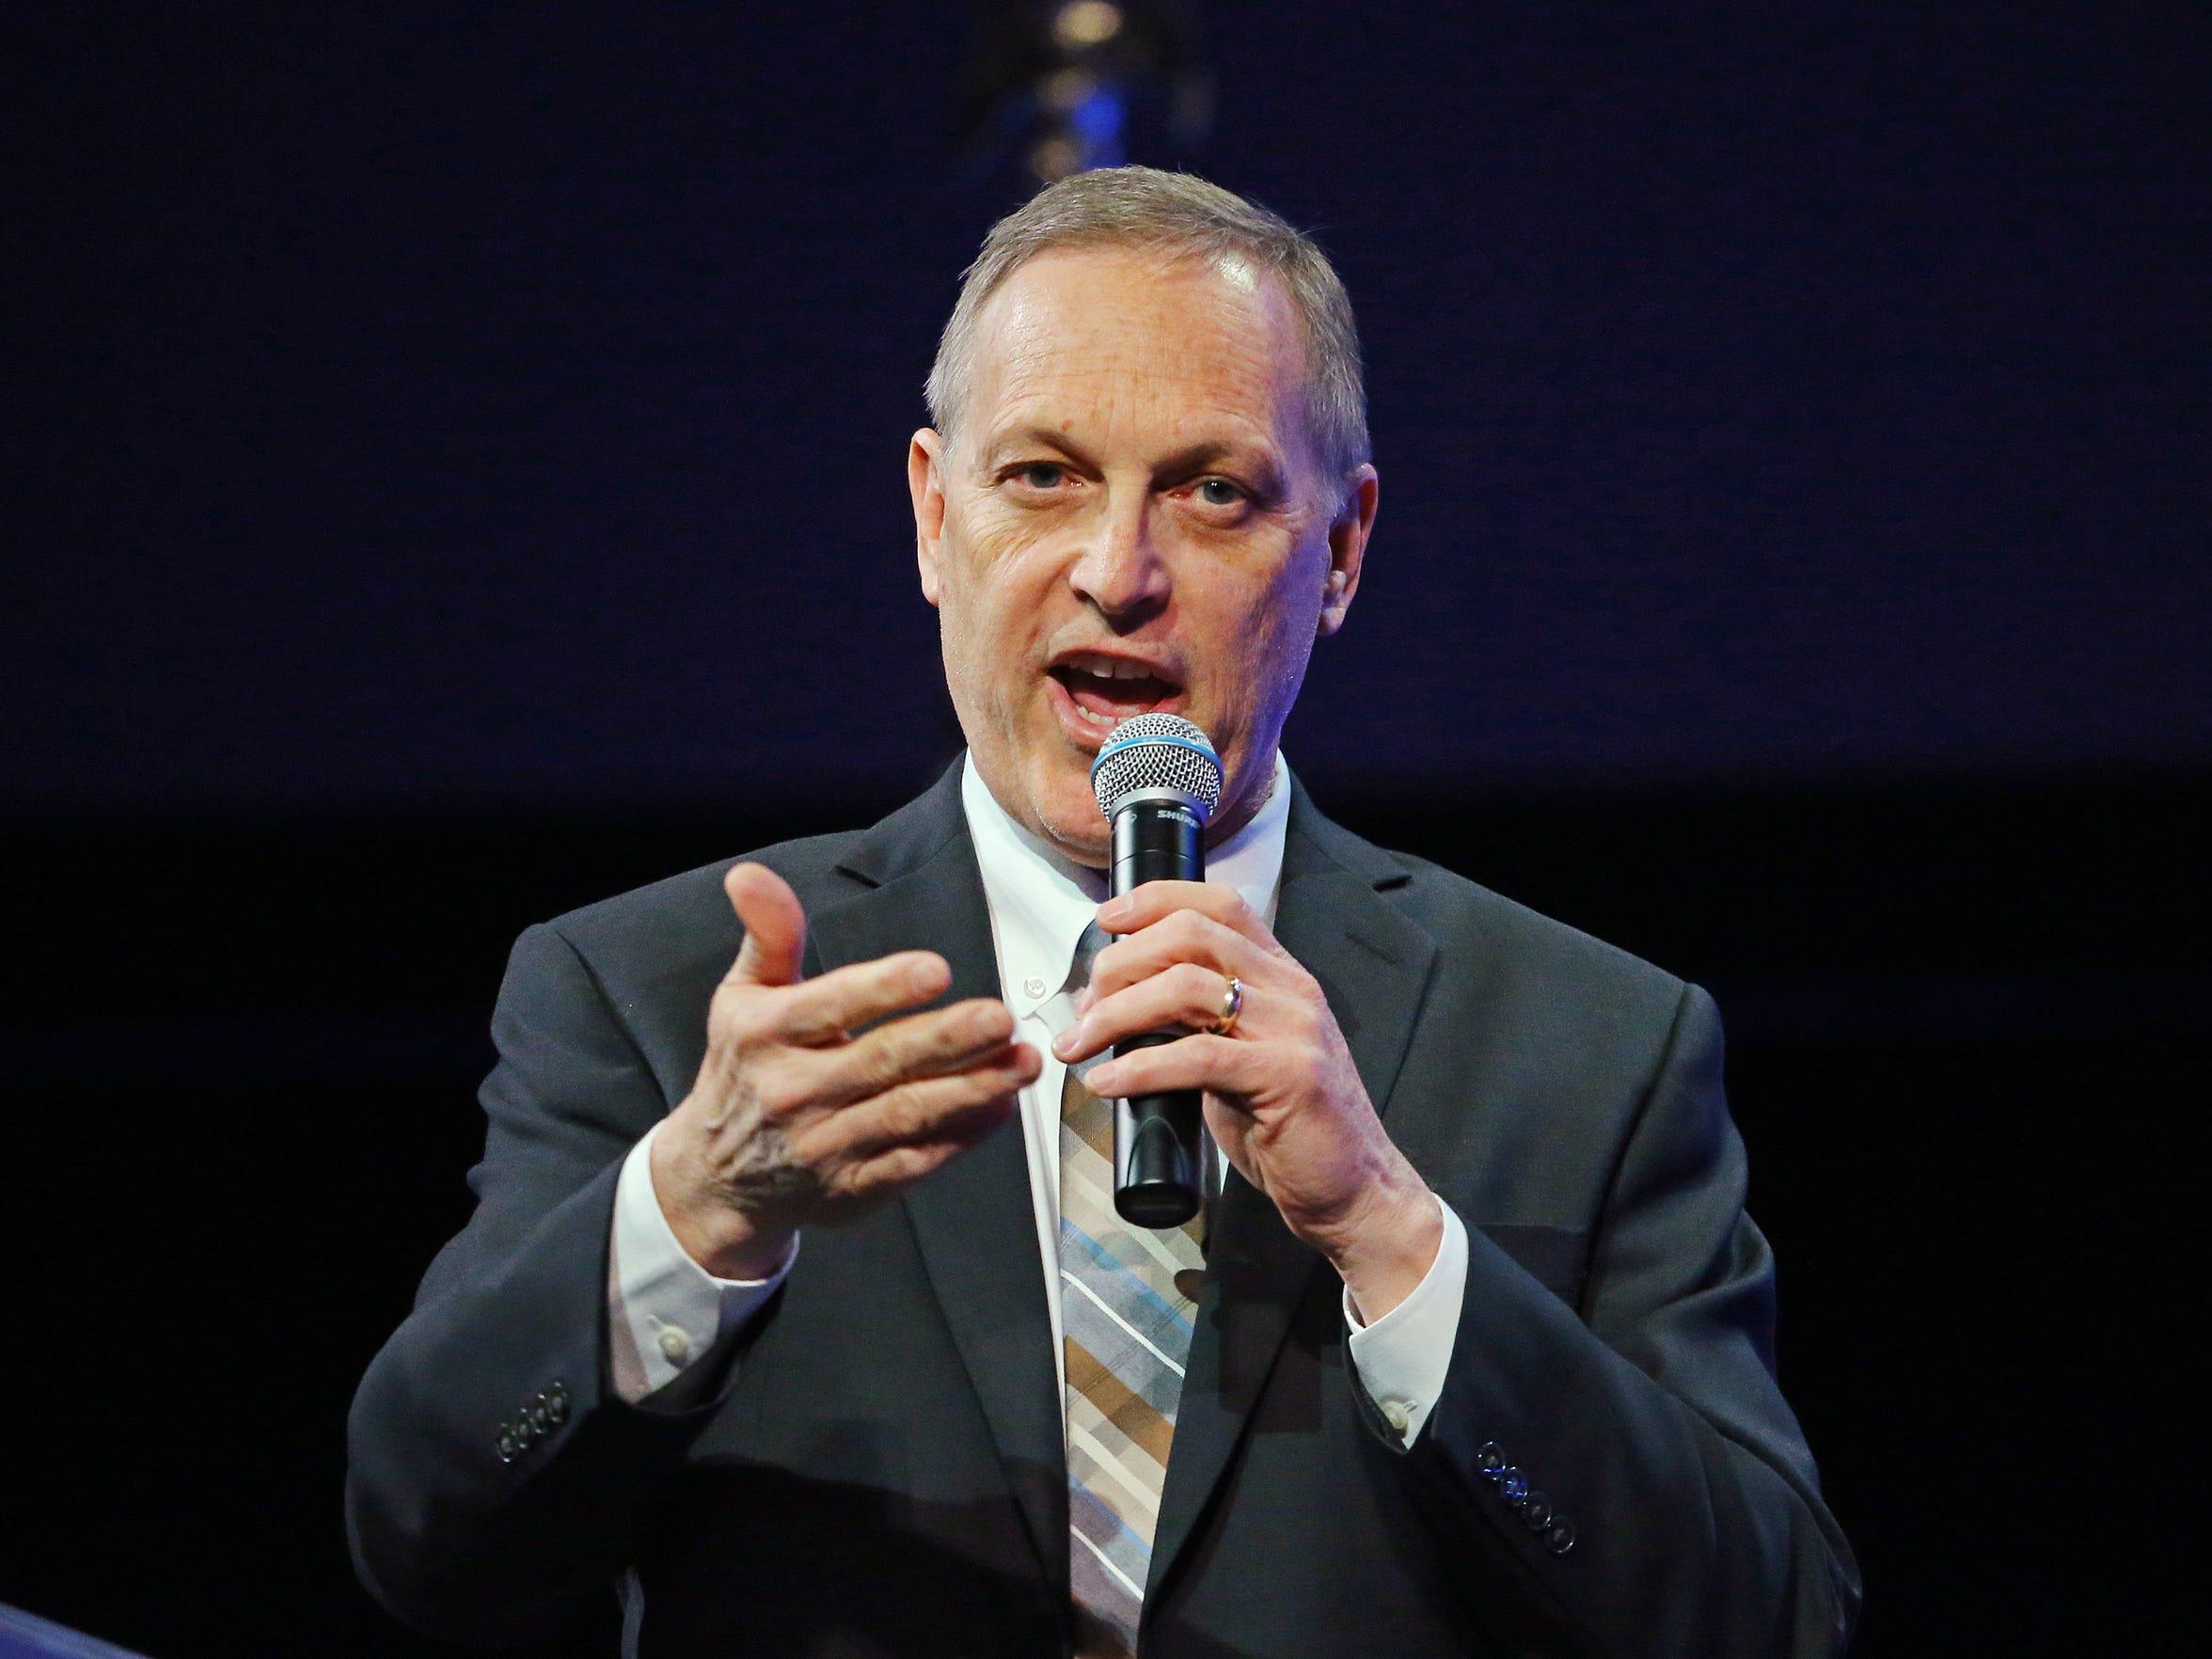 U.S. Rep. Andy Biggs